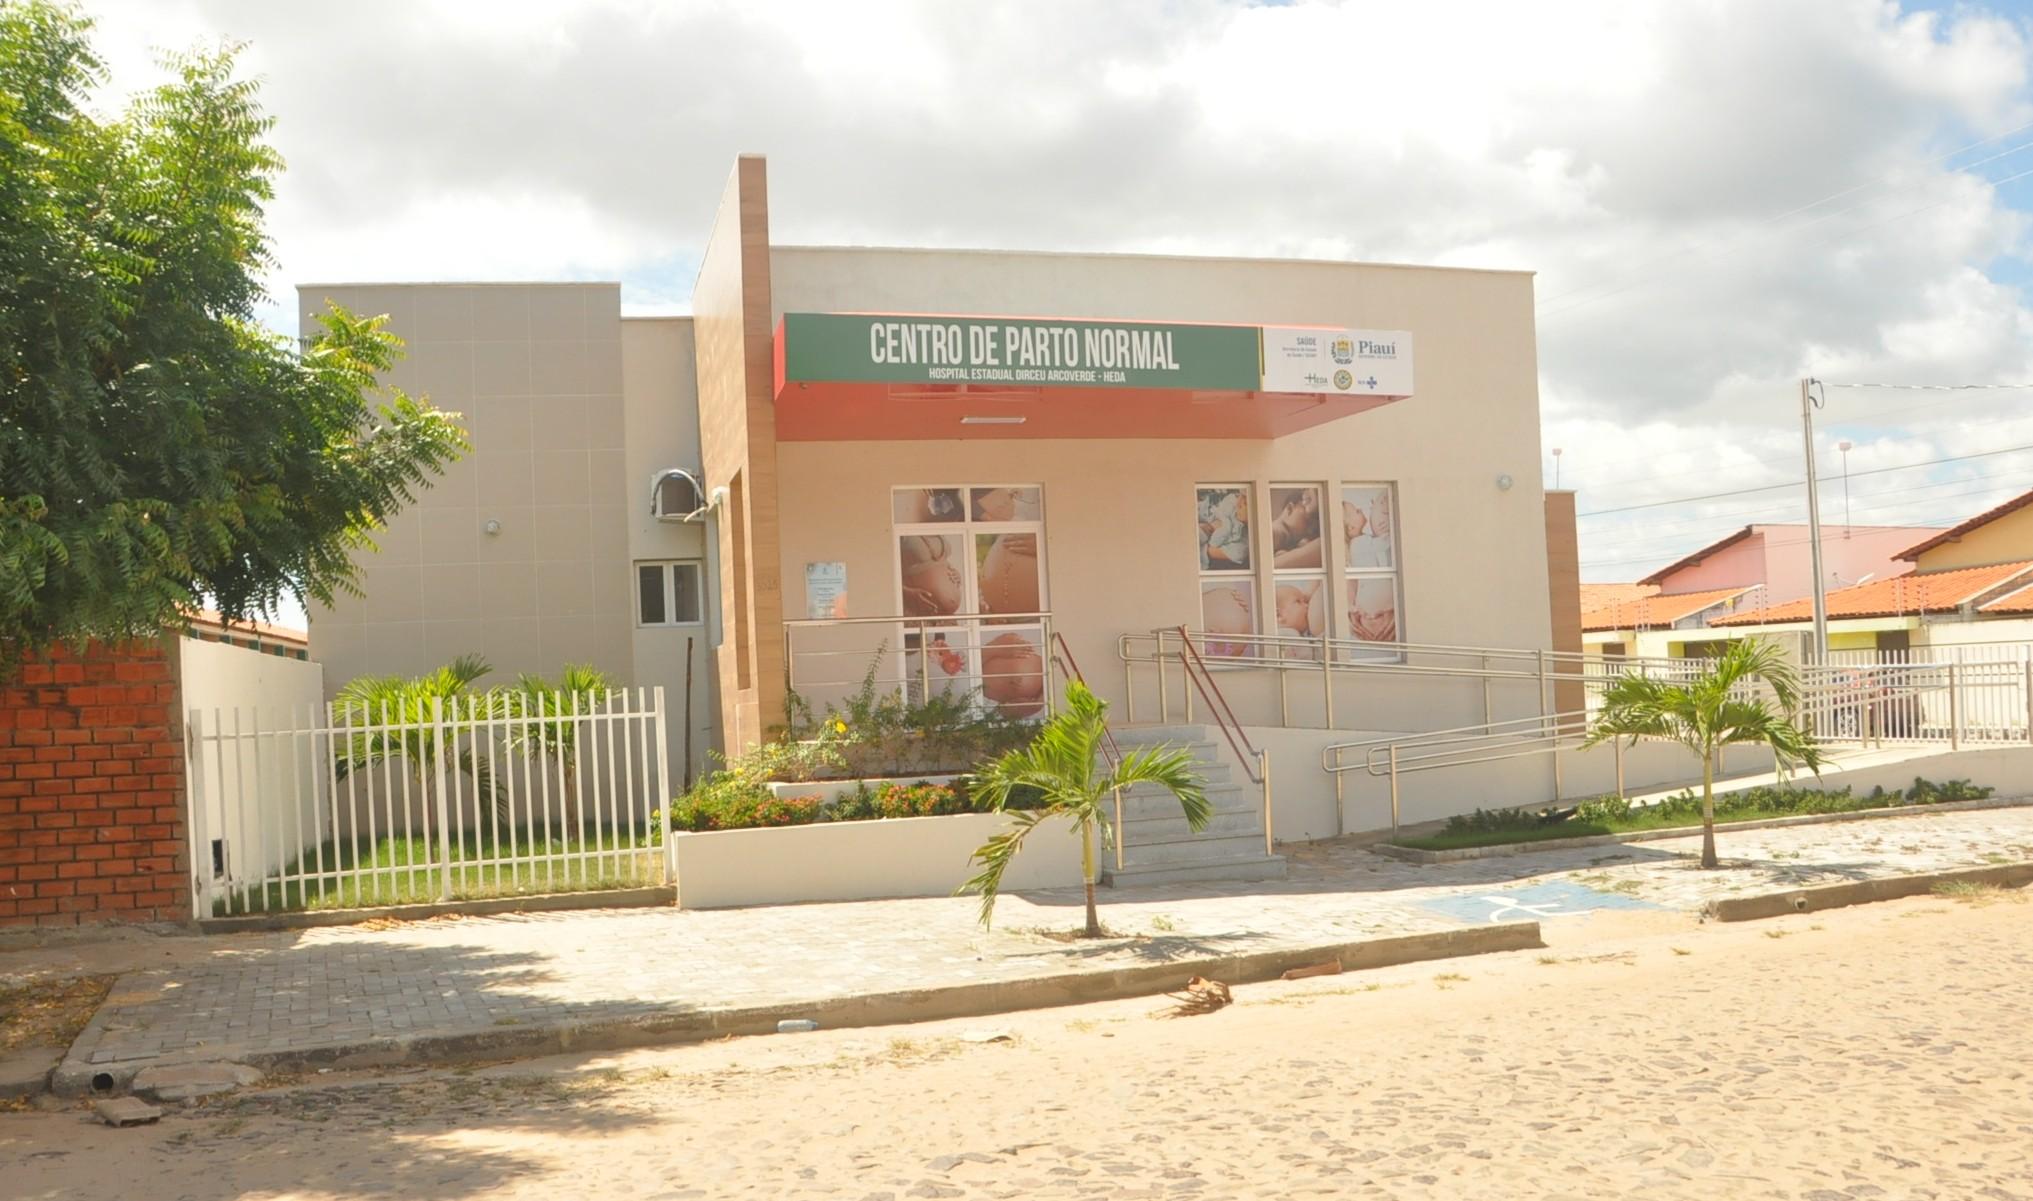 Centro de Parto Normal de Parnaíba já realizou mais de vinte partos